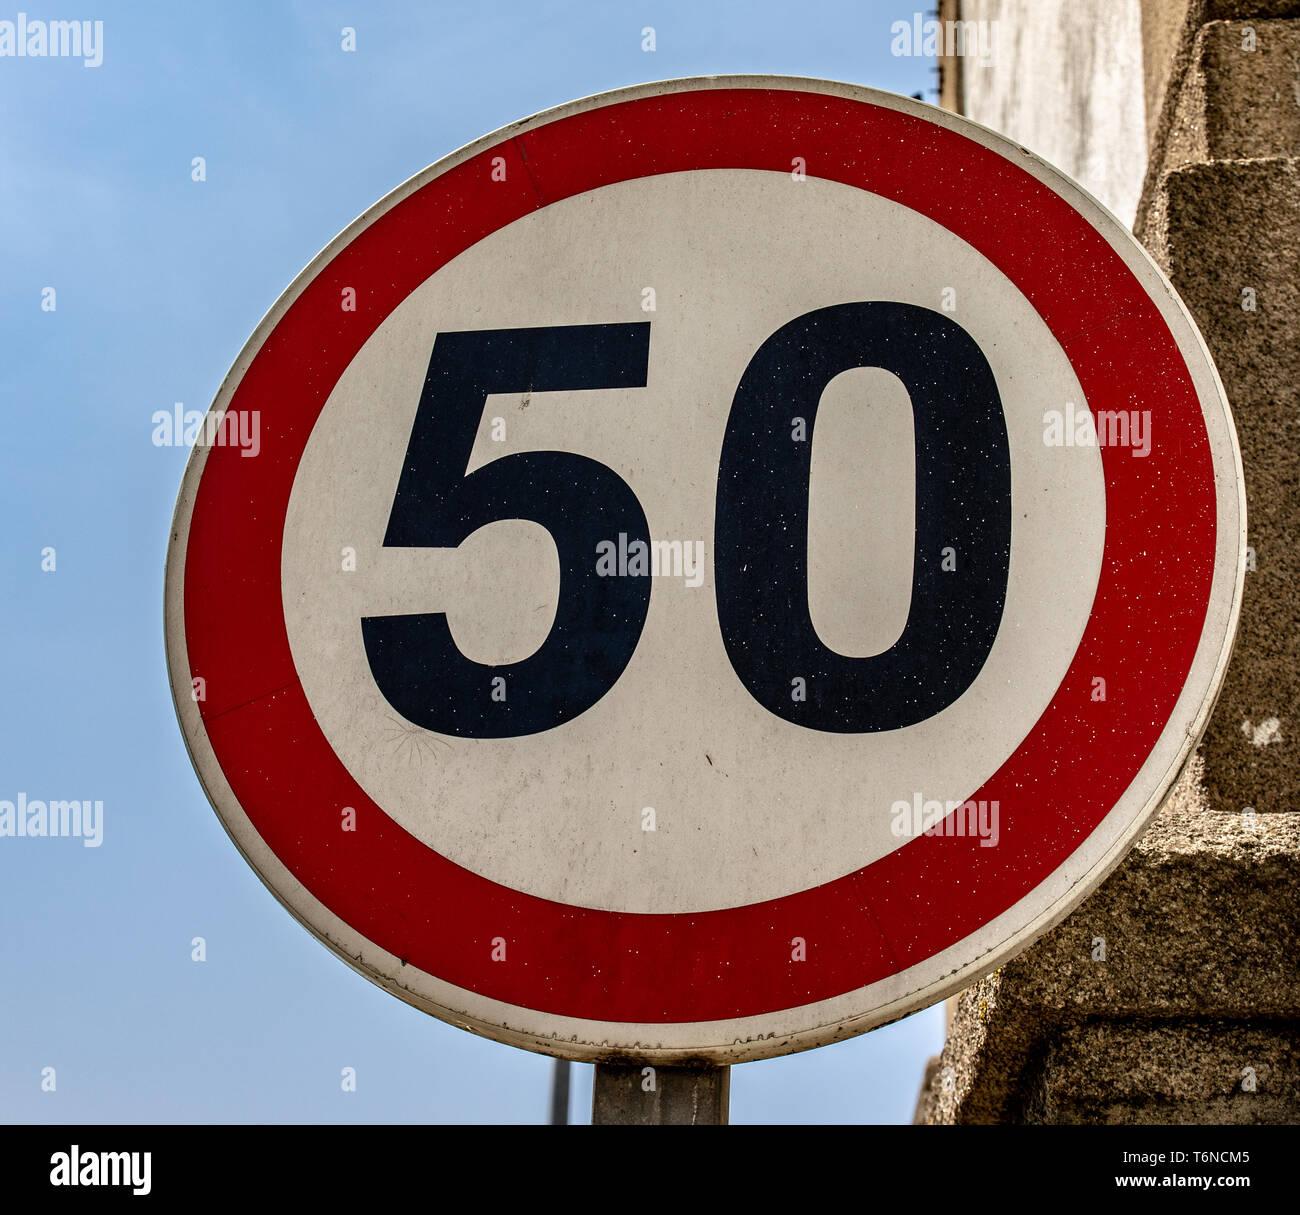 number 50 stock photos